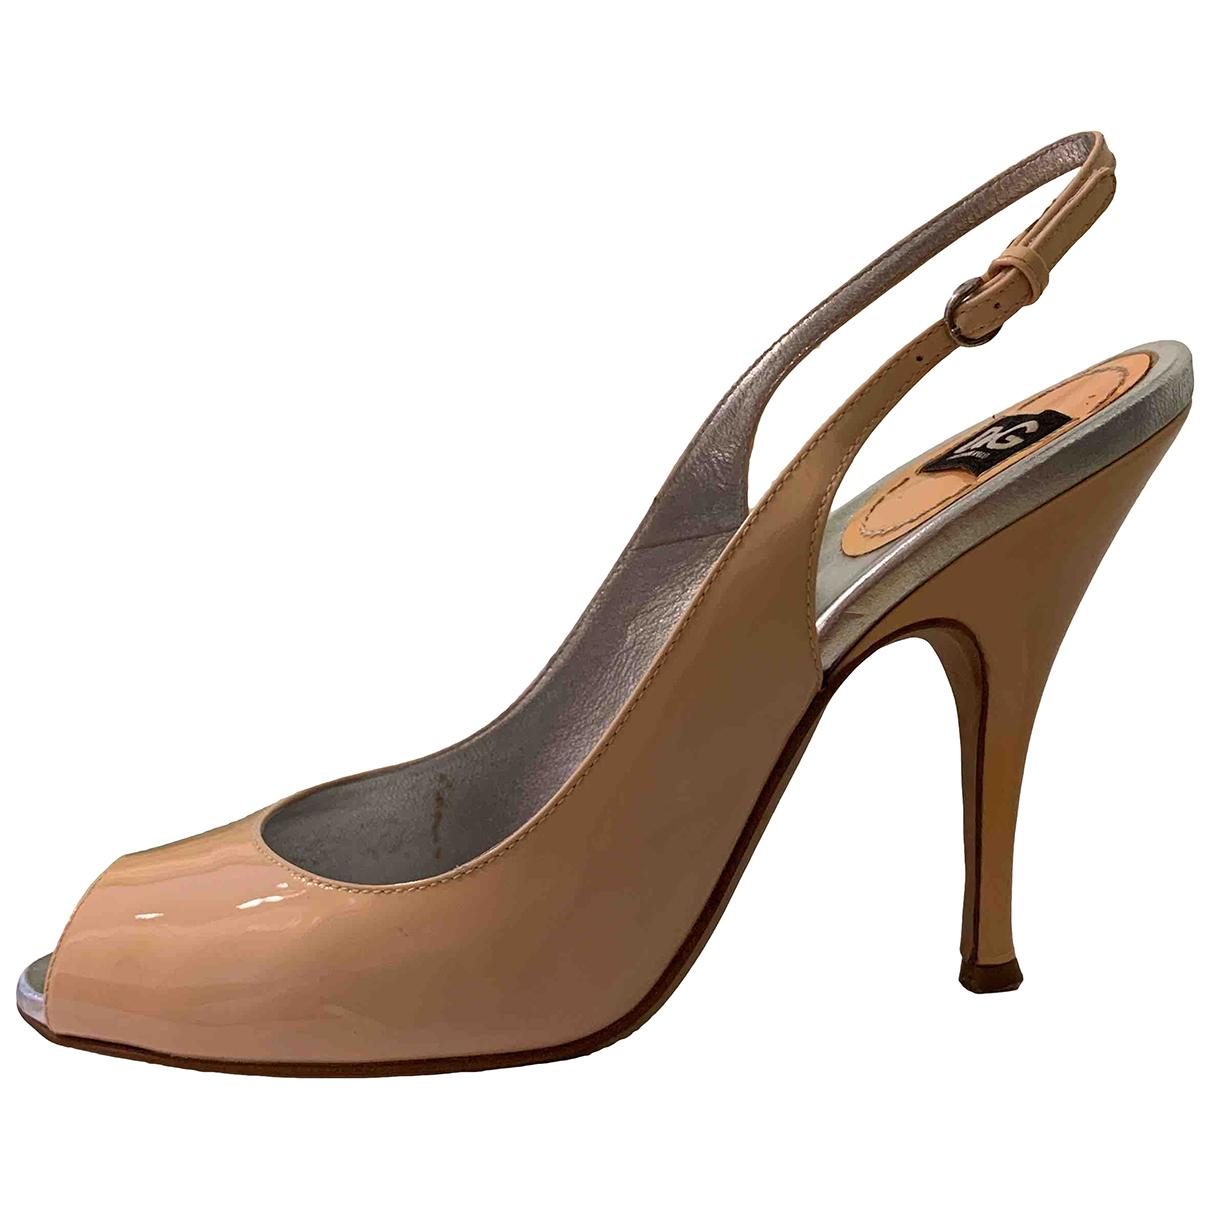 D&g - Sandales   pour femme en cuir verni - rose